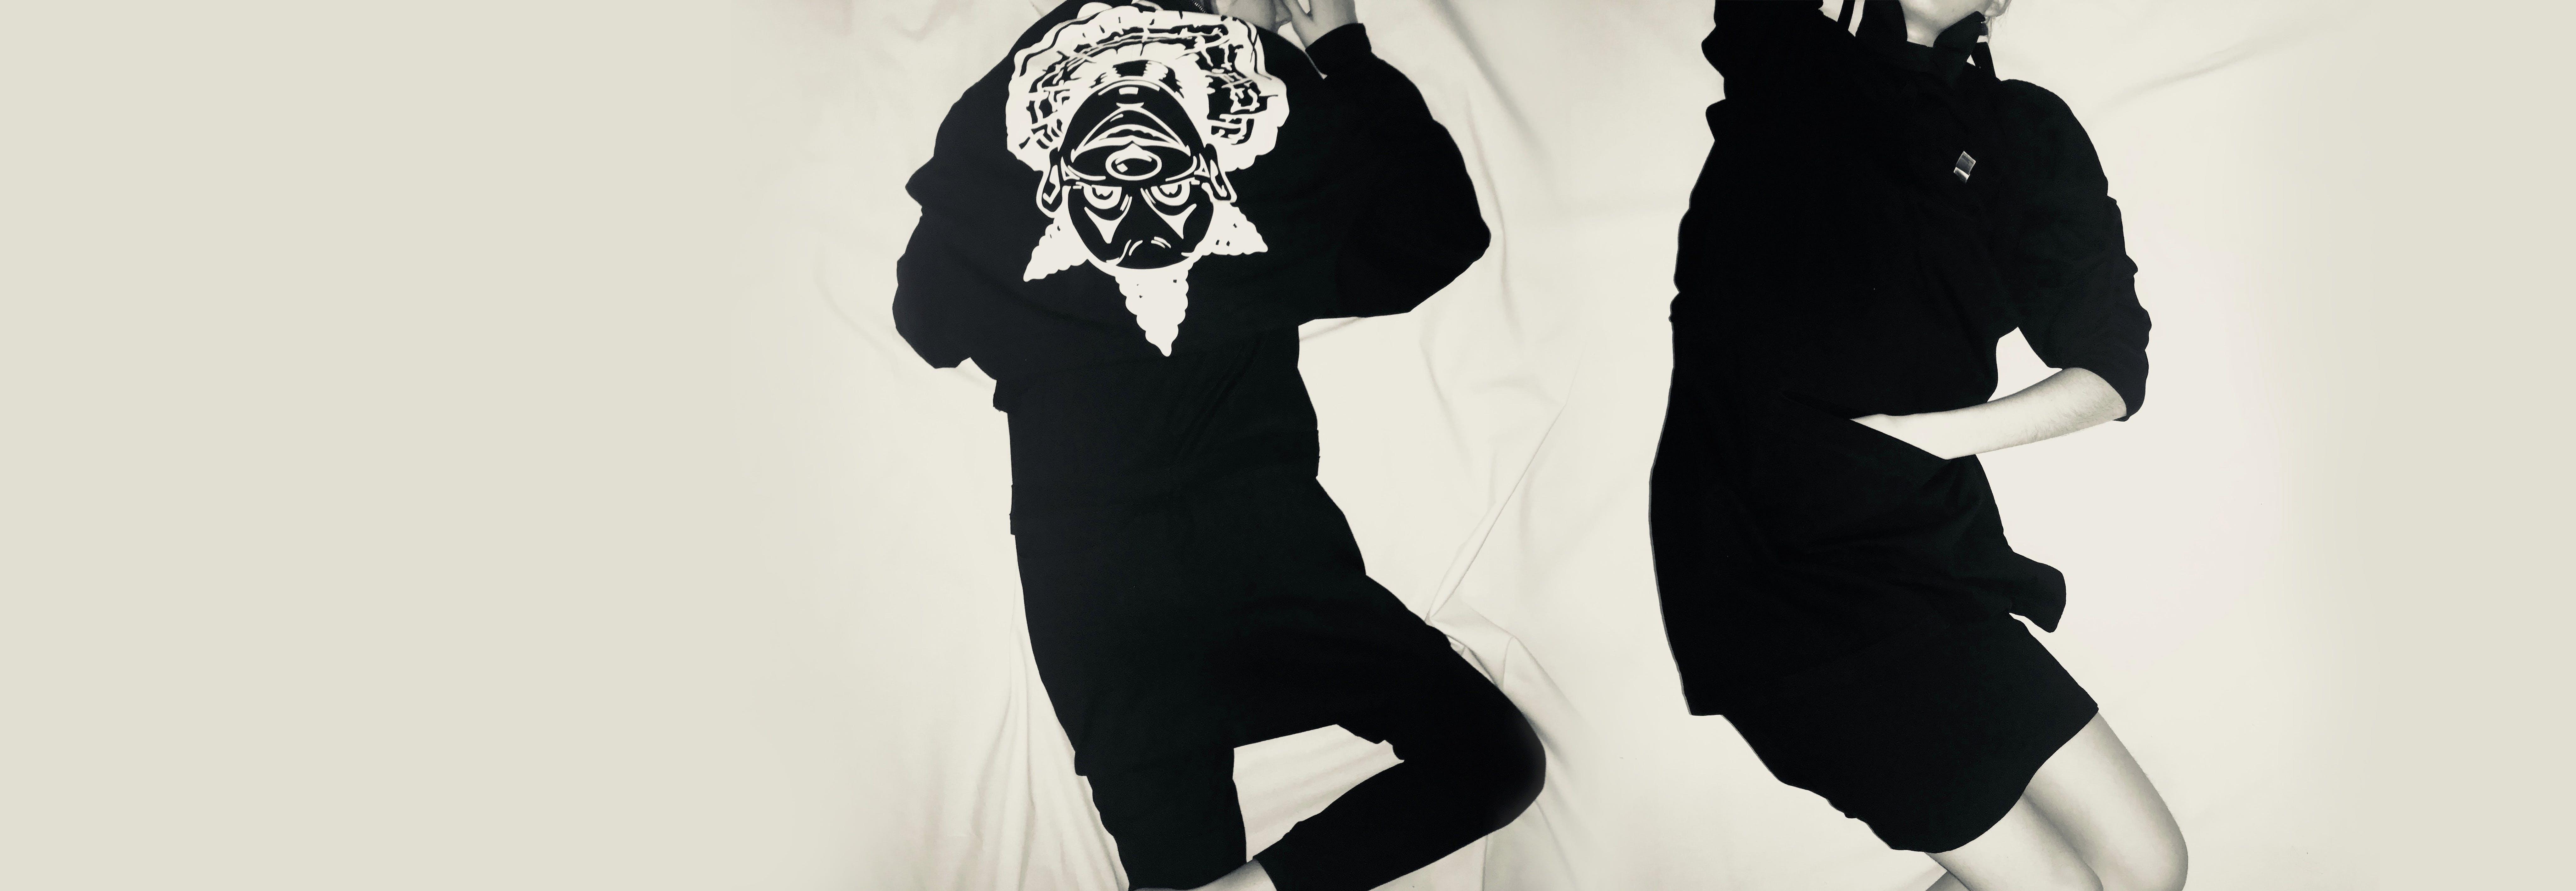 aganovich-article-shirts-header